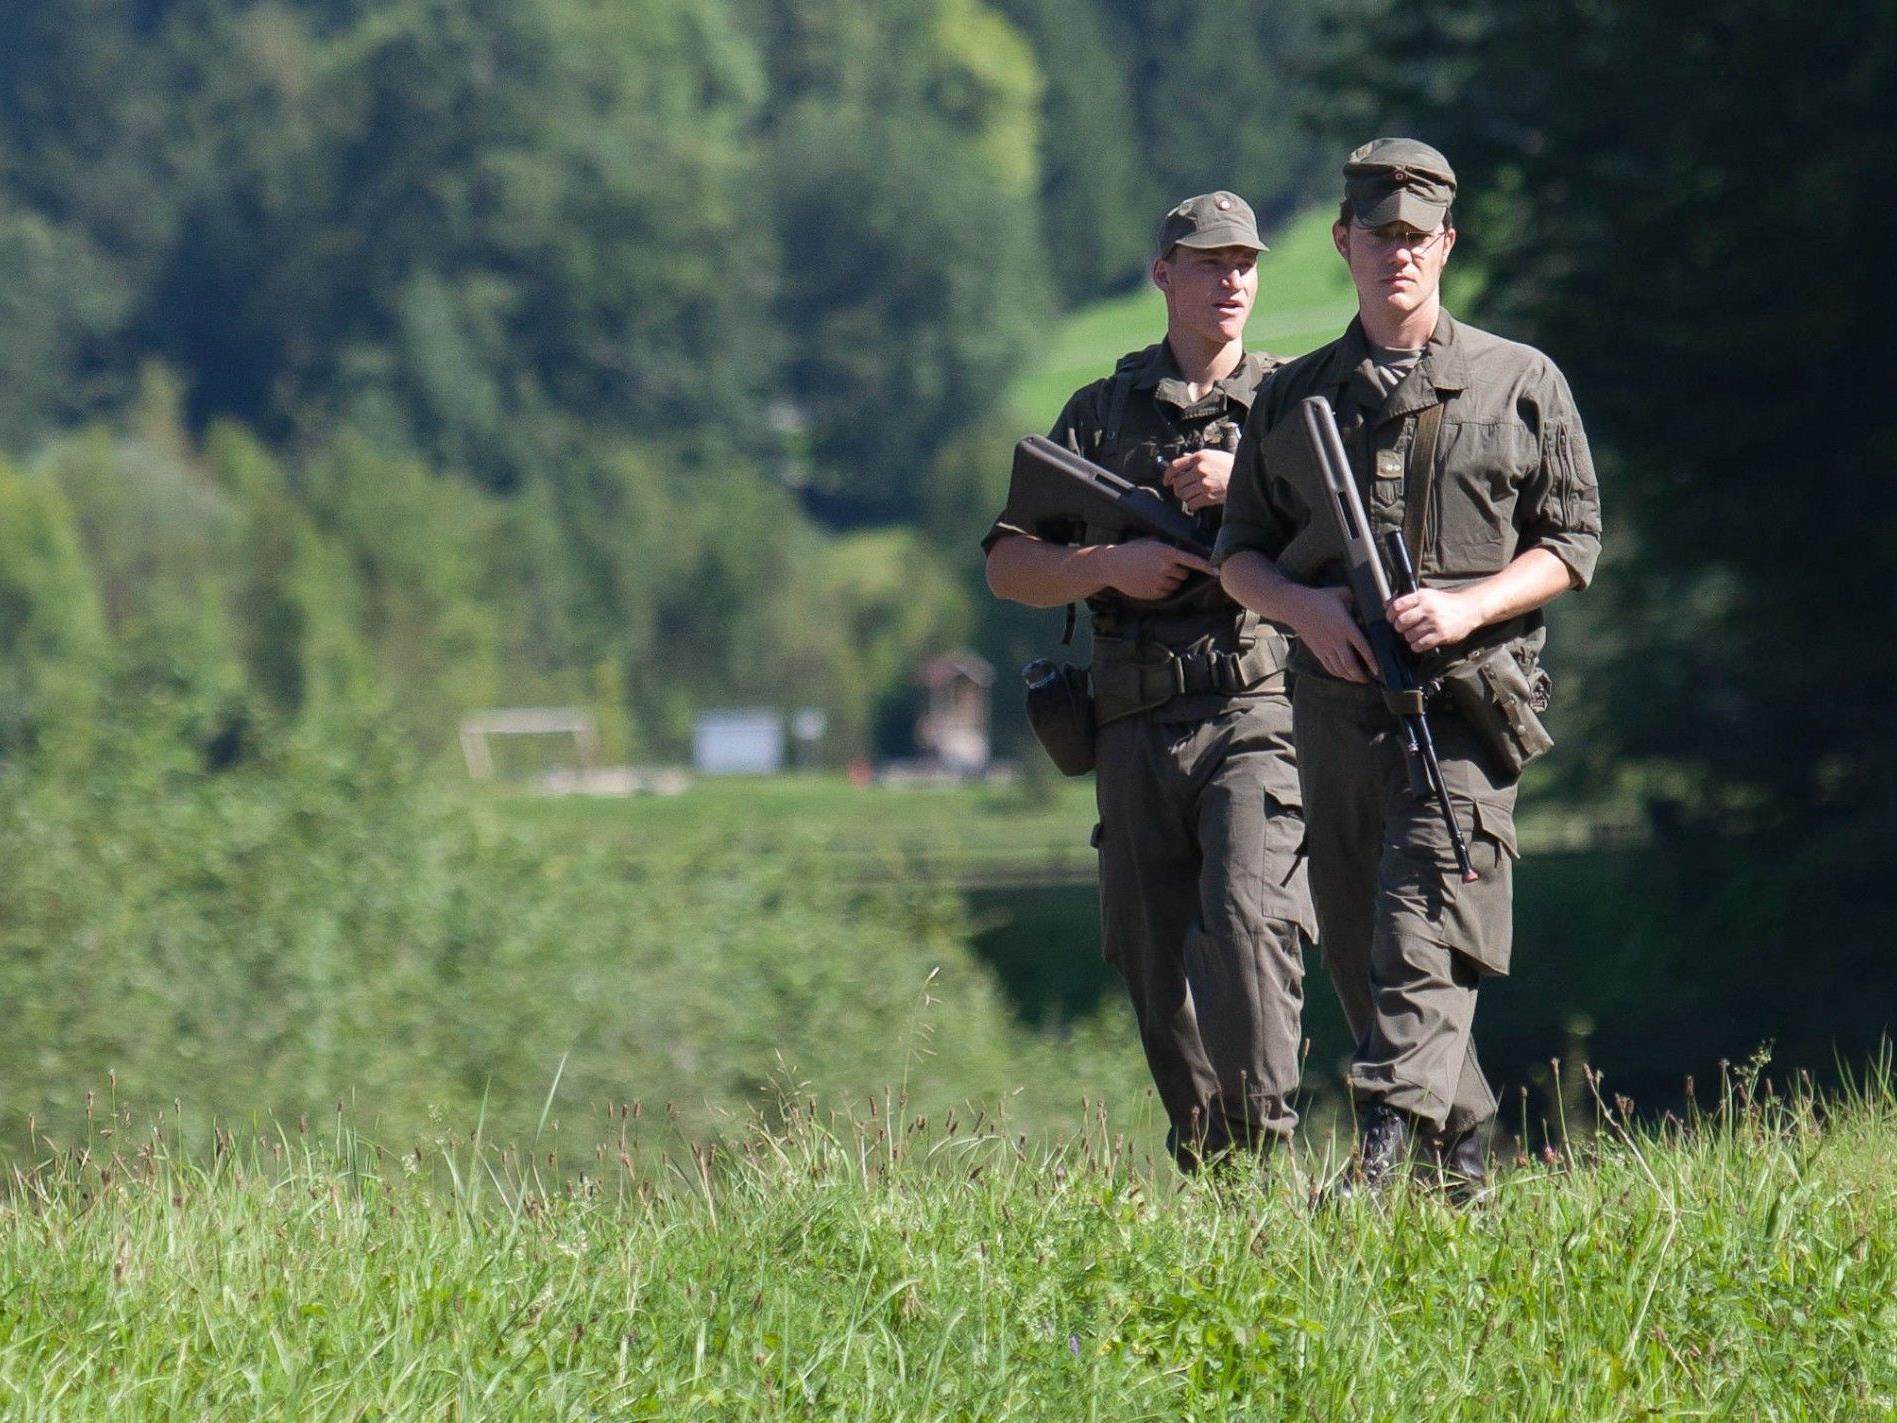 Milizsoldaten üben in Vorarlberg und Tirol.